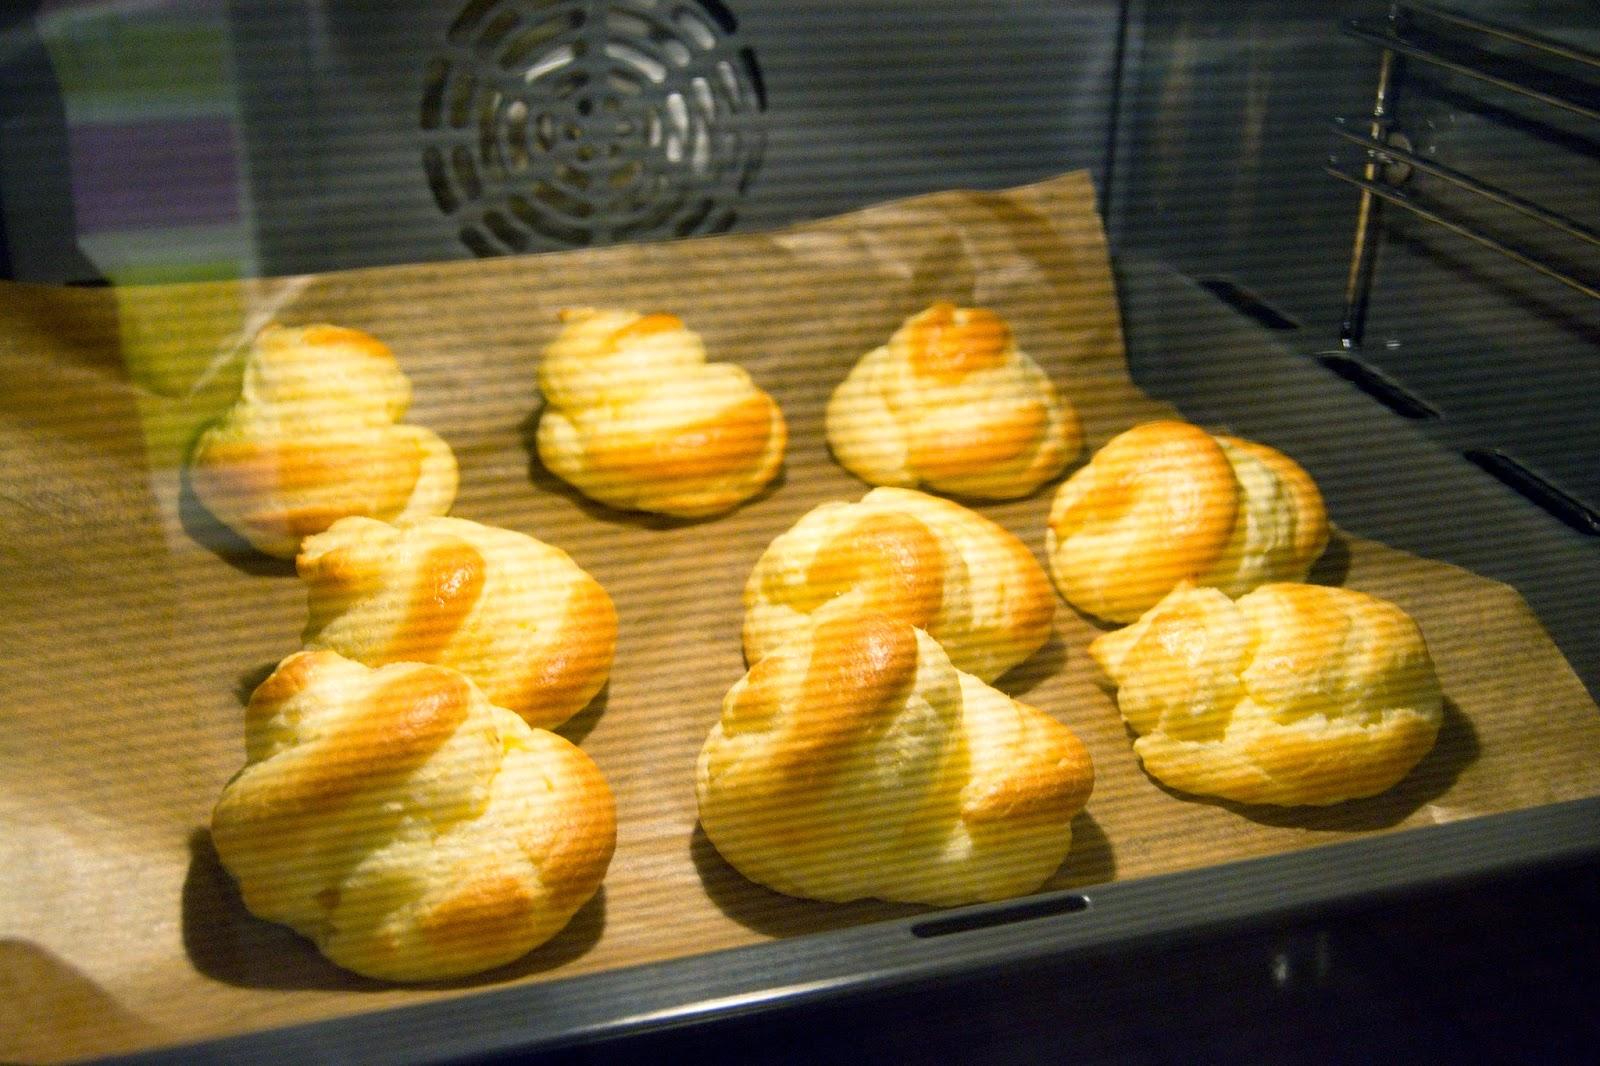 Atuty - krótki kurs kuchni francuskiej - warsztaty kulinarne